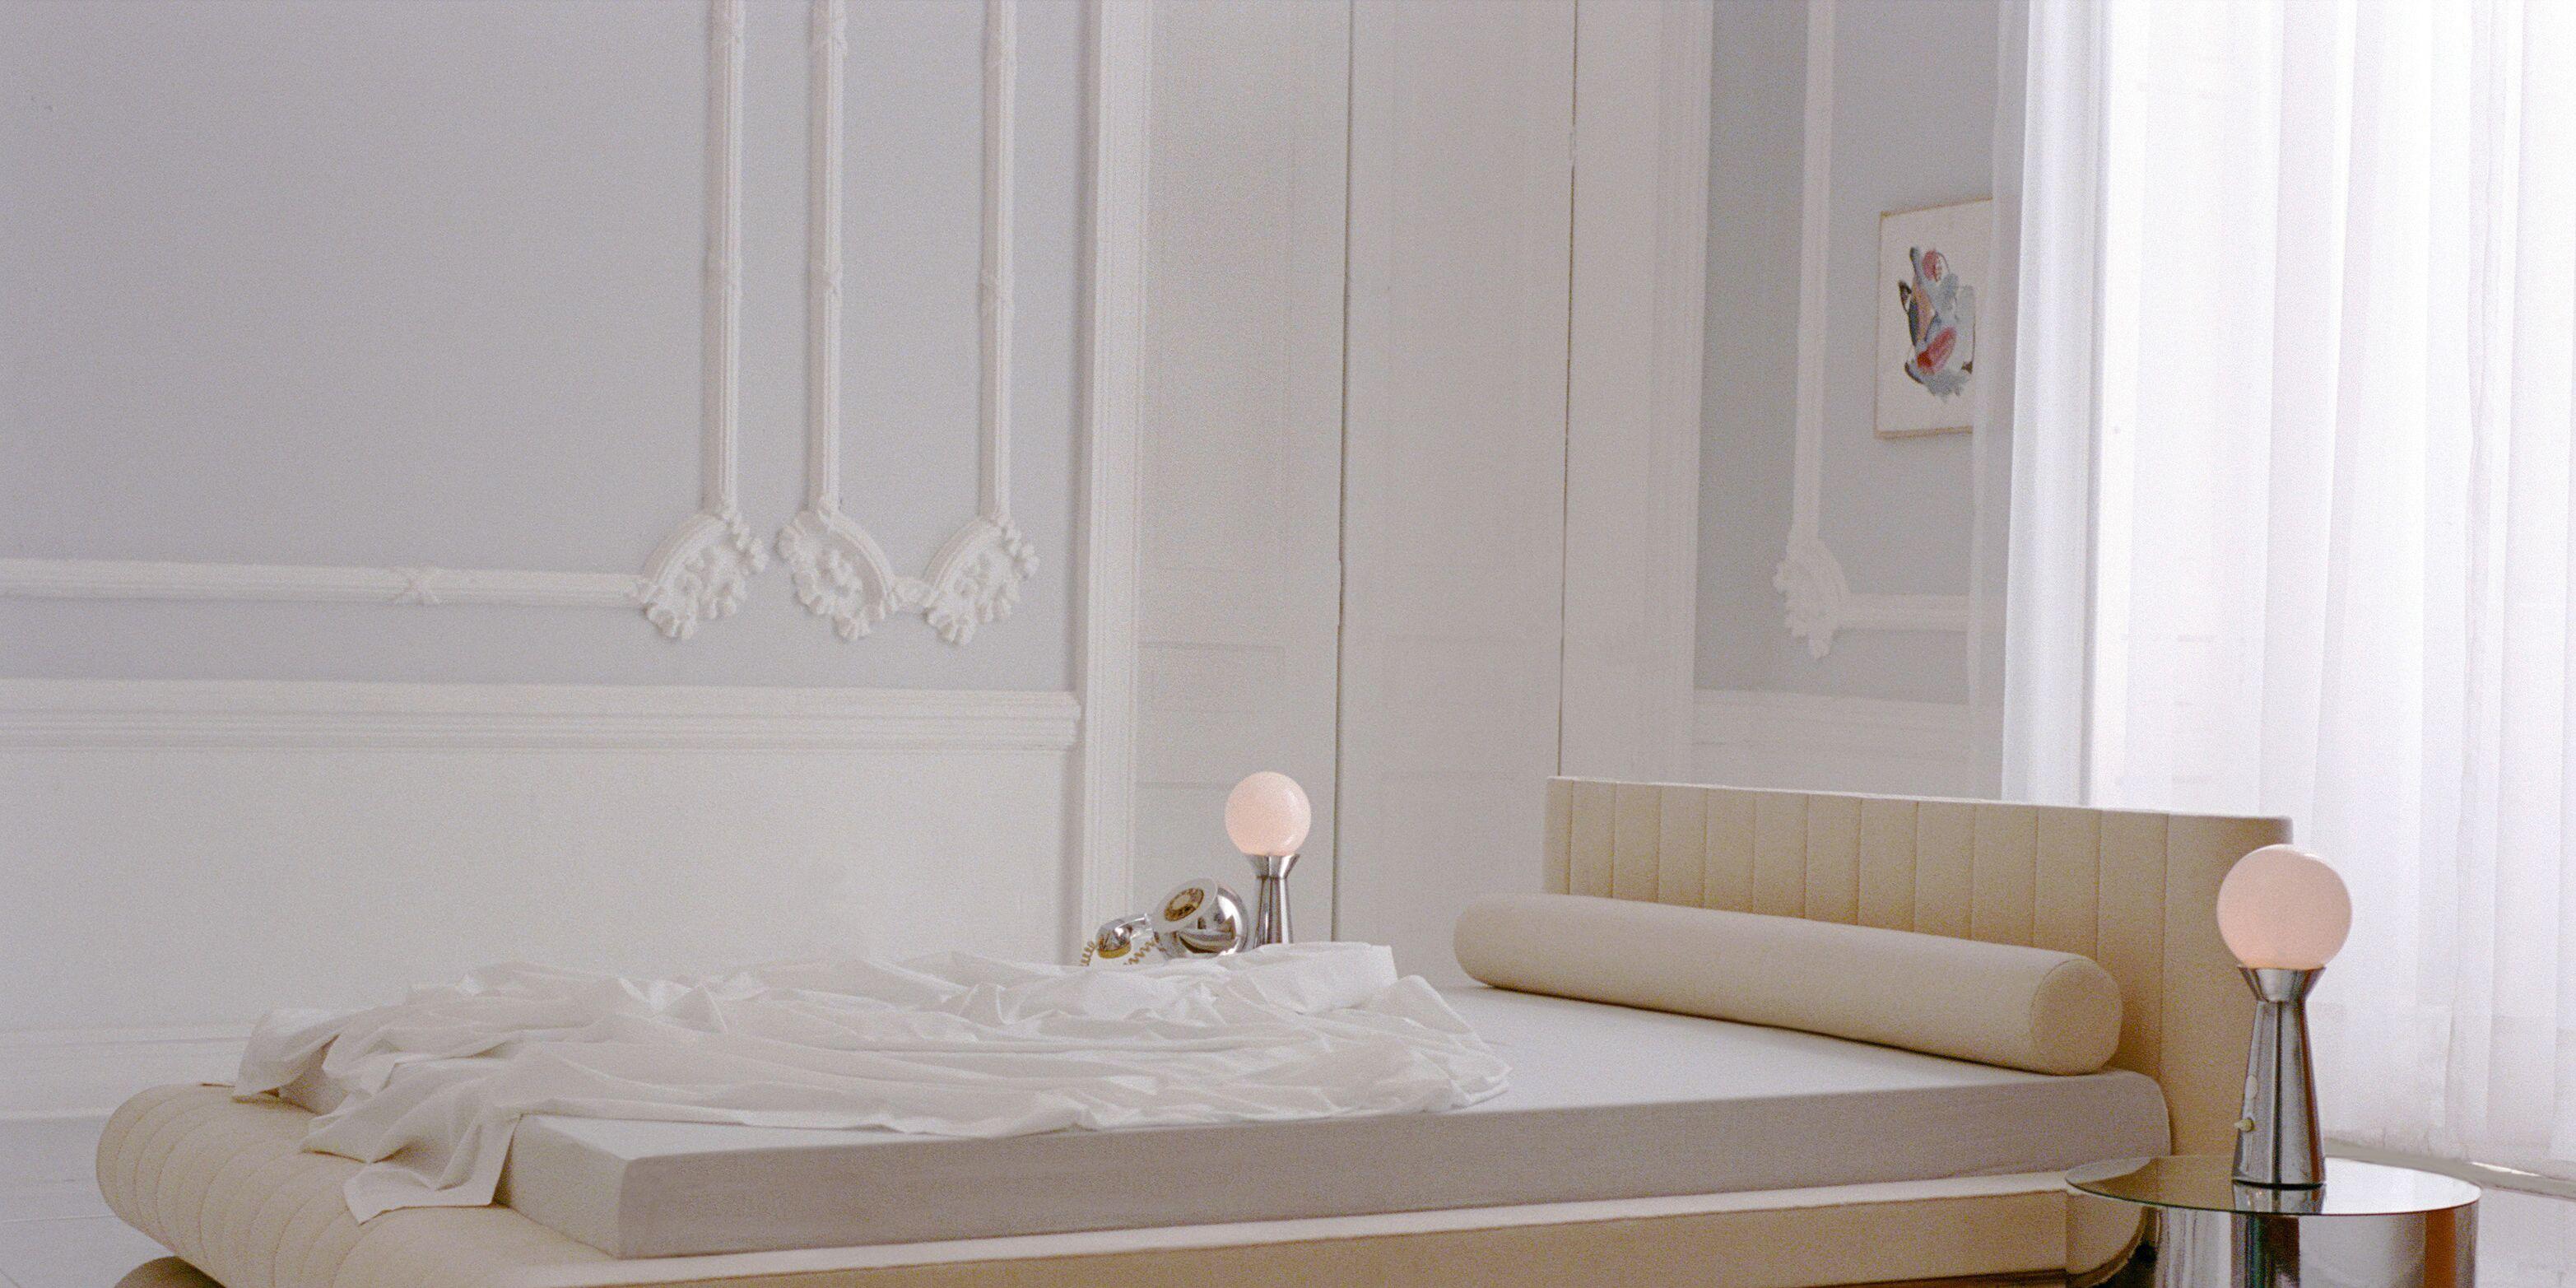 El dormitorio con la casa de VIDIVIXI que arrasa en Instagram